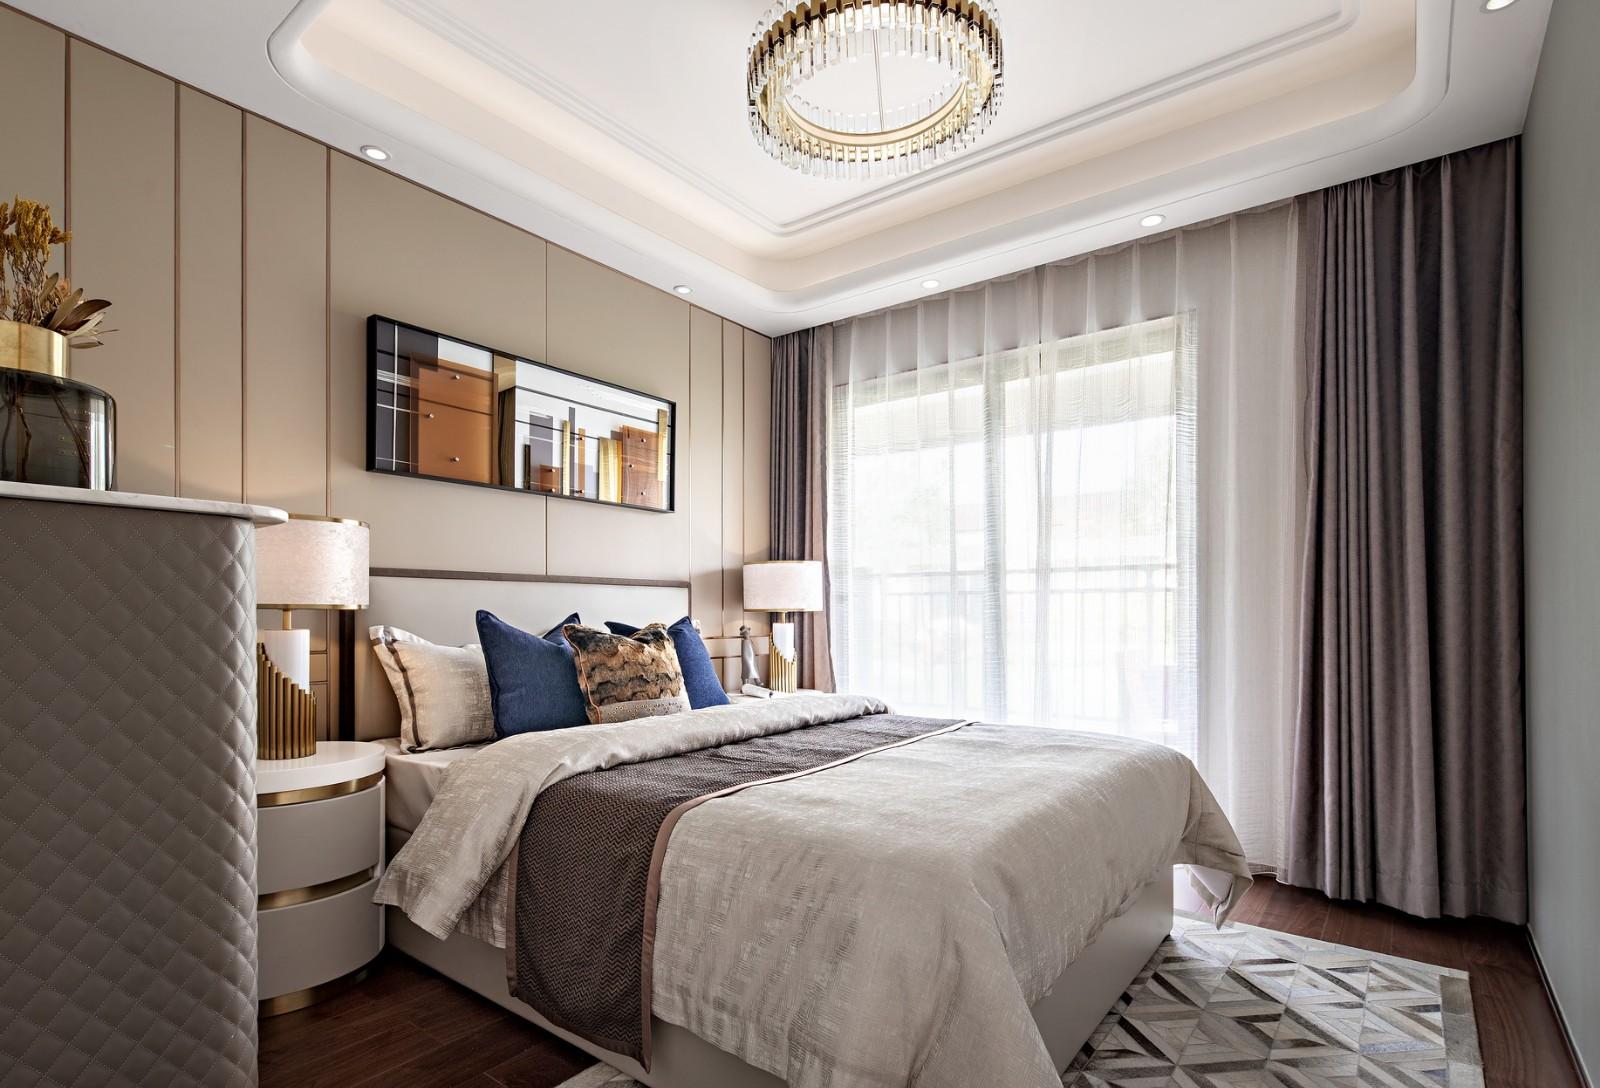 圆形床头柜搭配圆润灯罩的台灯,呼应圆角吊顶设计,整体给人颇有温度,舒适感极强。